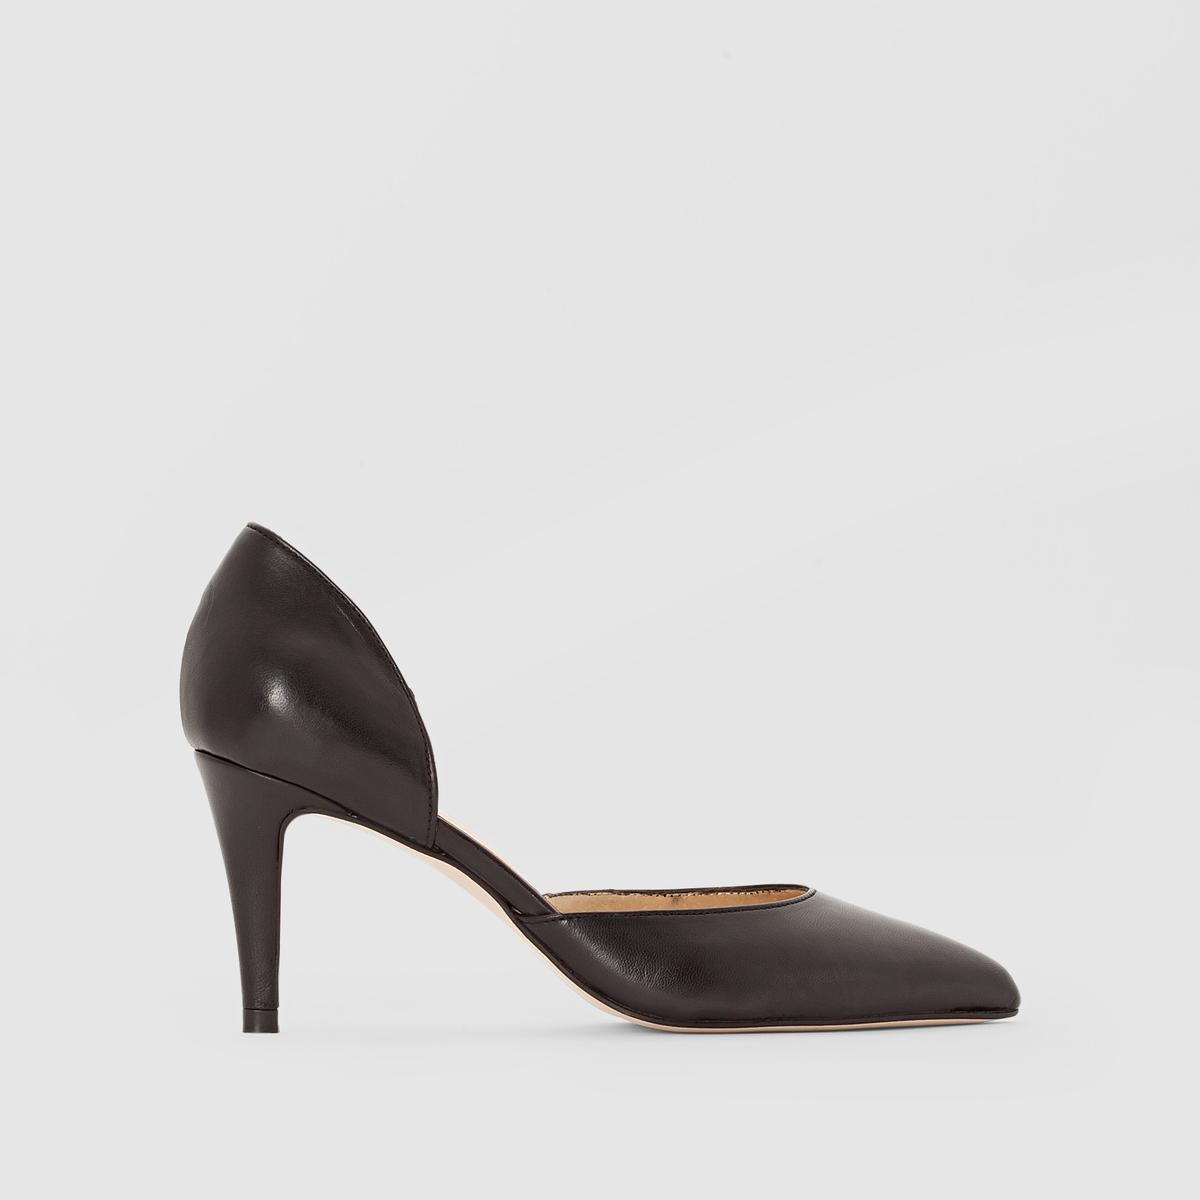 Туфли кожаные на каблуке, ADNETПодкладка: кожа.    Стелька: кожа.       Подошва: эластомер.       Форма каблука: шпилька.Мысок: острый          Застежка: без застежки.<br><br>Цвет: черный<br>Размер: 41